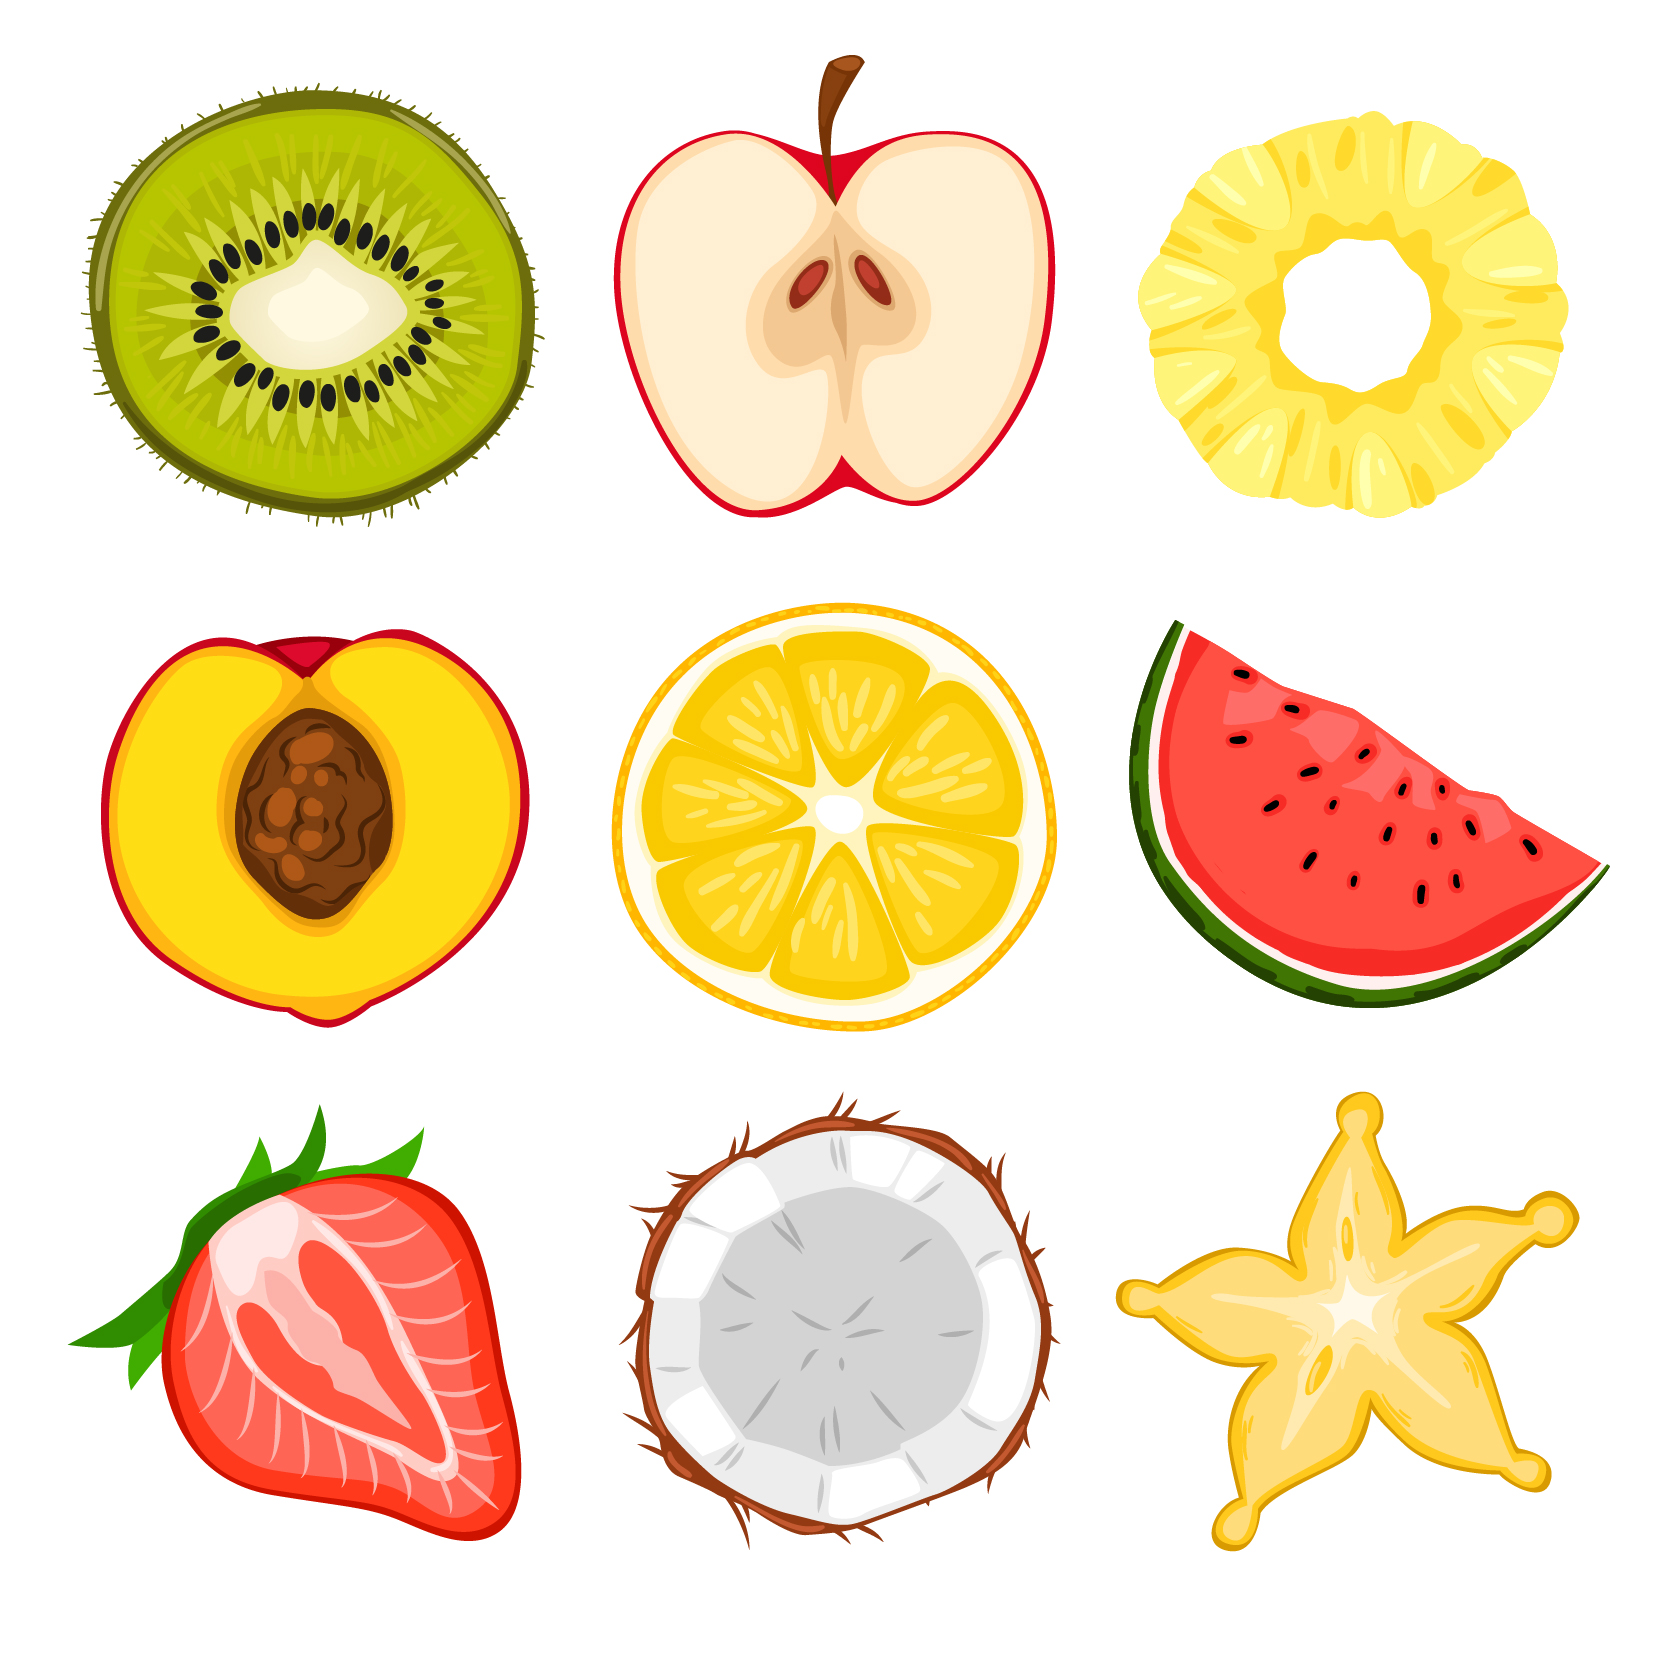 2_FruitHeart-01